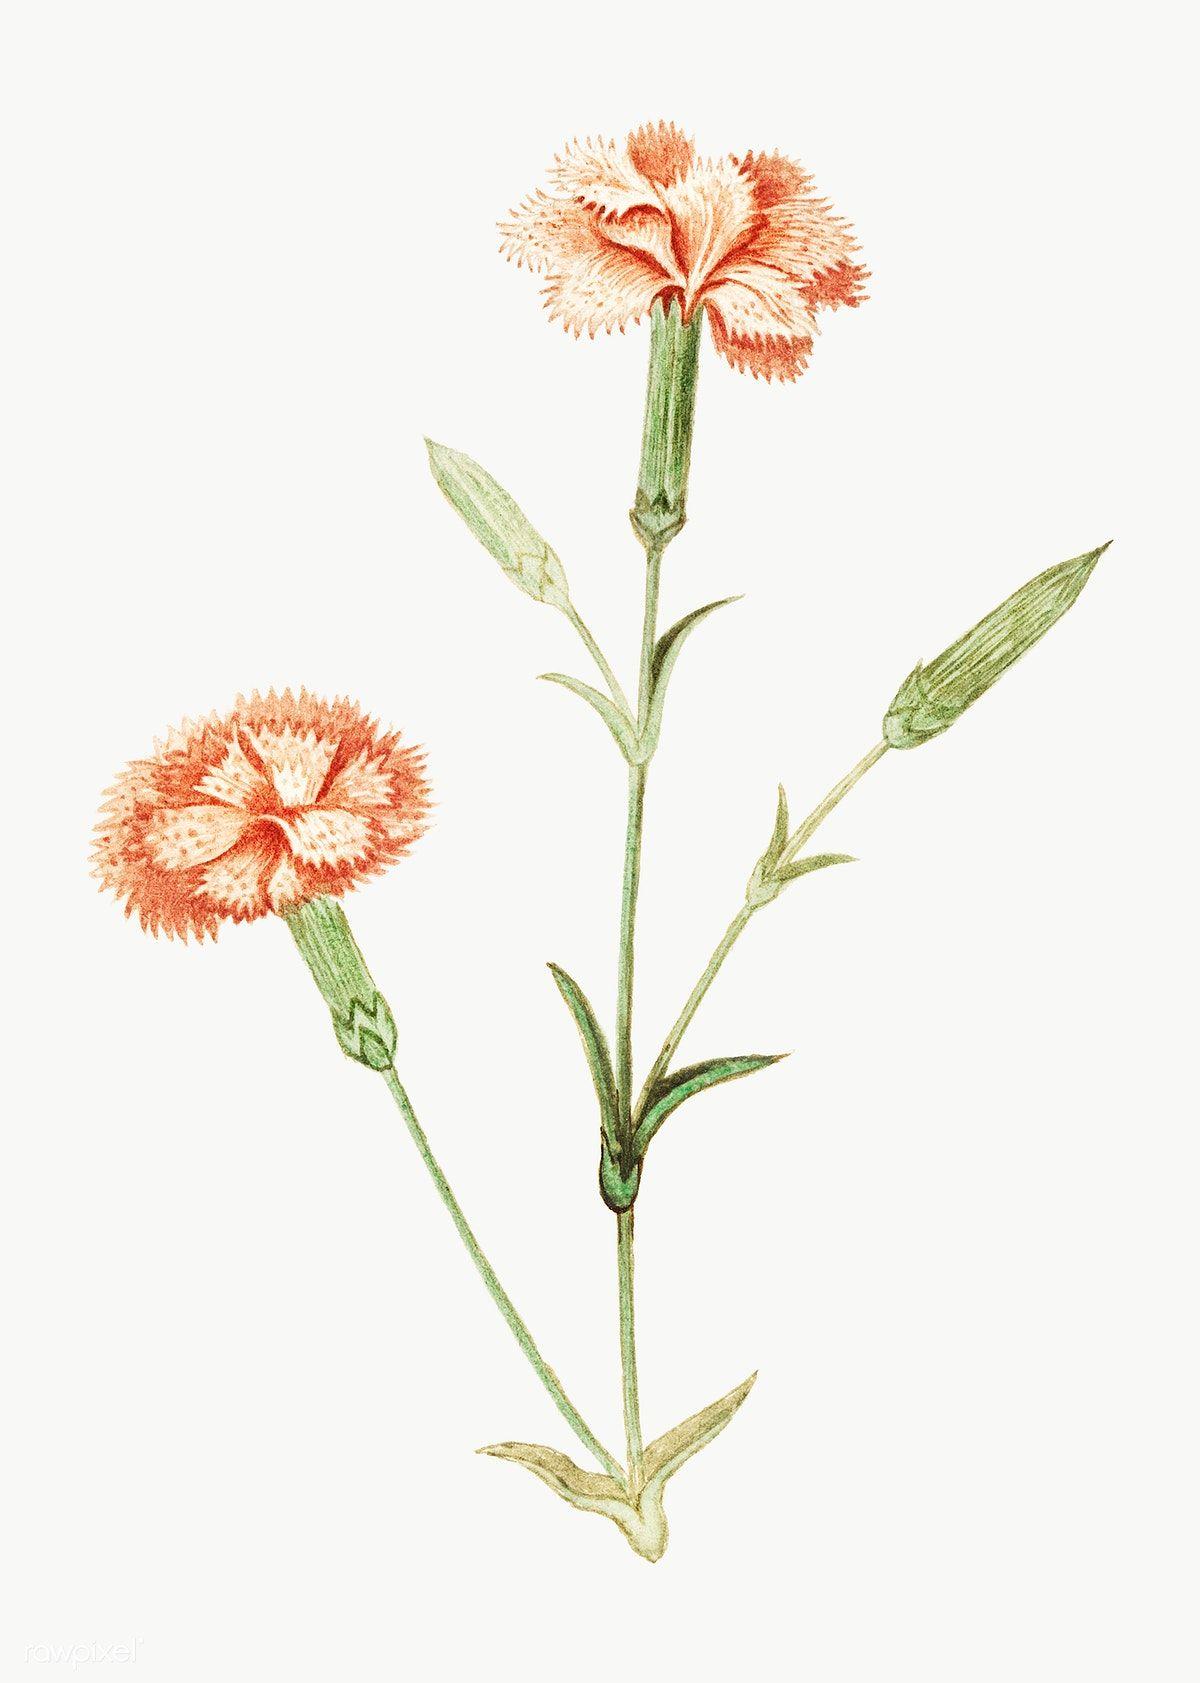 Vintage Carnation Flower Illustration Free Image By Rawpixel Com Flower Illustration Carnation Flower Flower Drawing